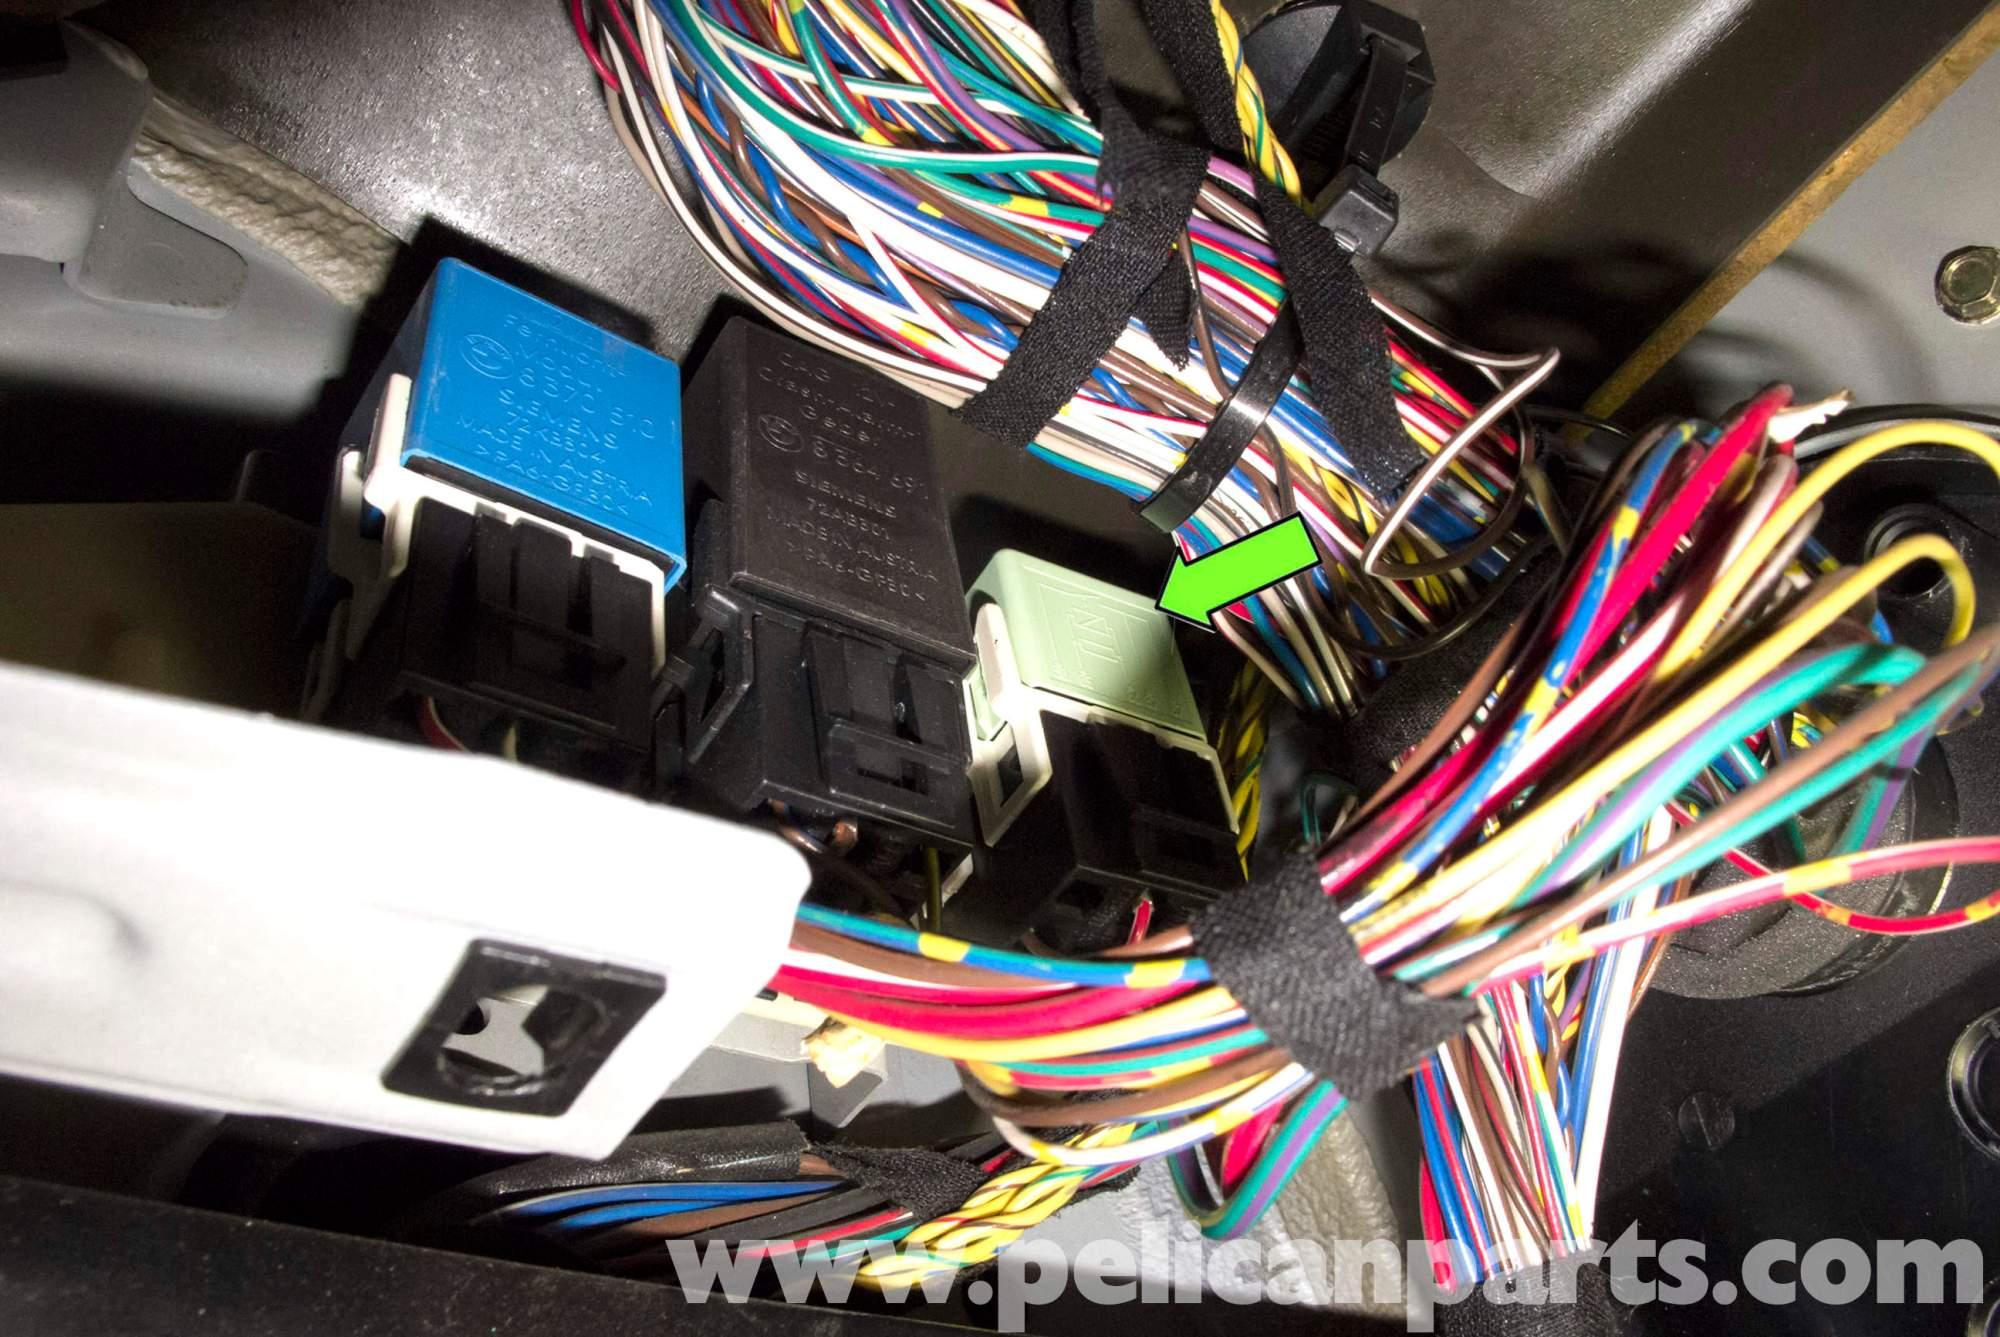 hight resolution of  pic14 1997 bmw z3 fuse box location 2000 bmw 528i fuse diagram u2022 wiring 1995